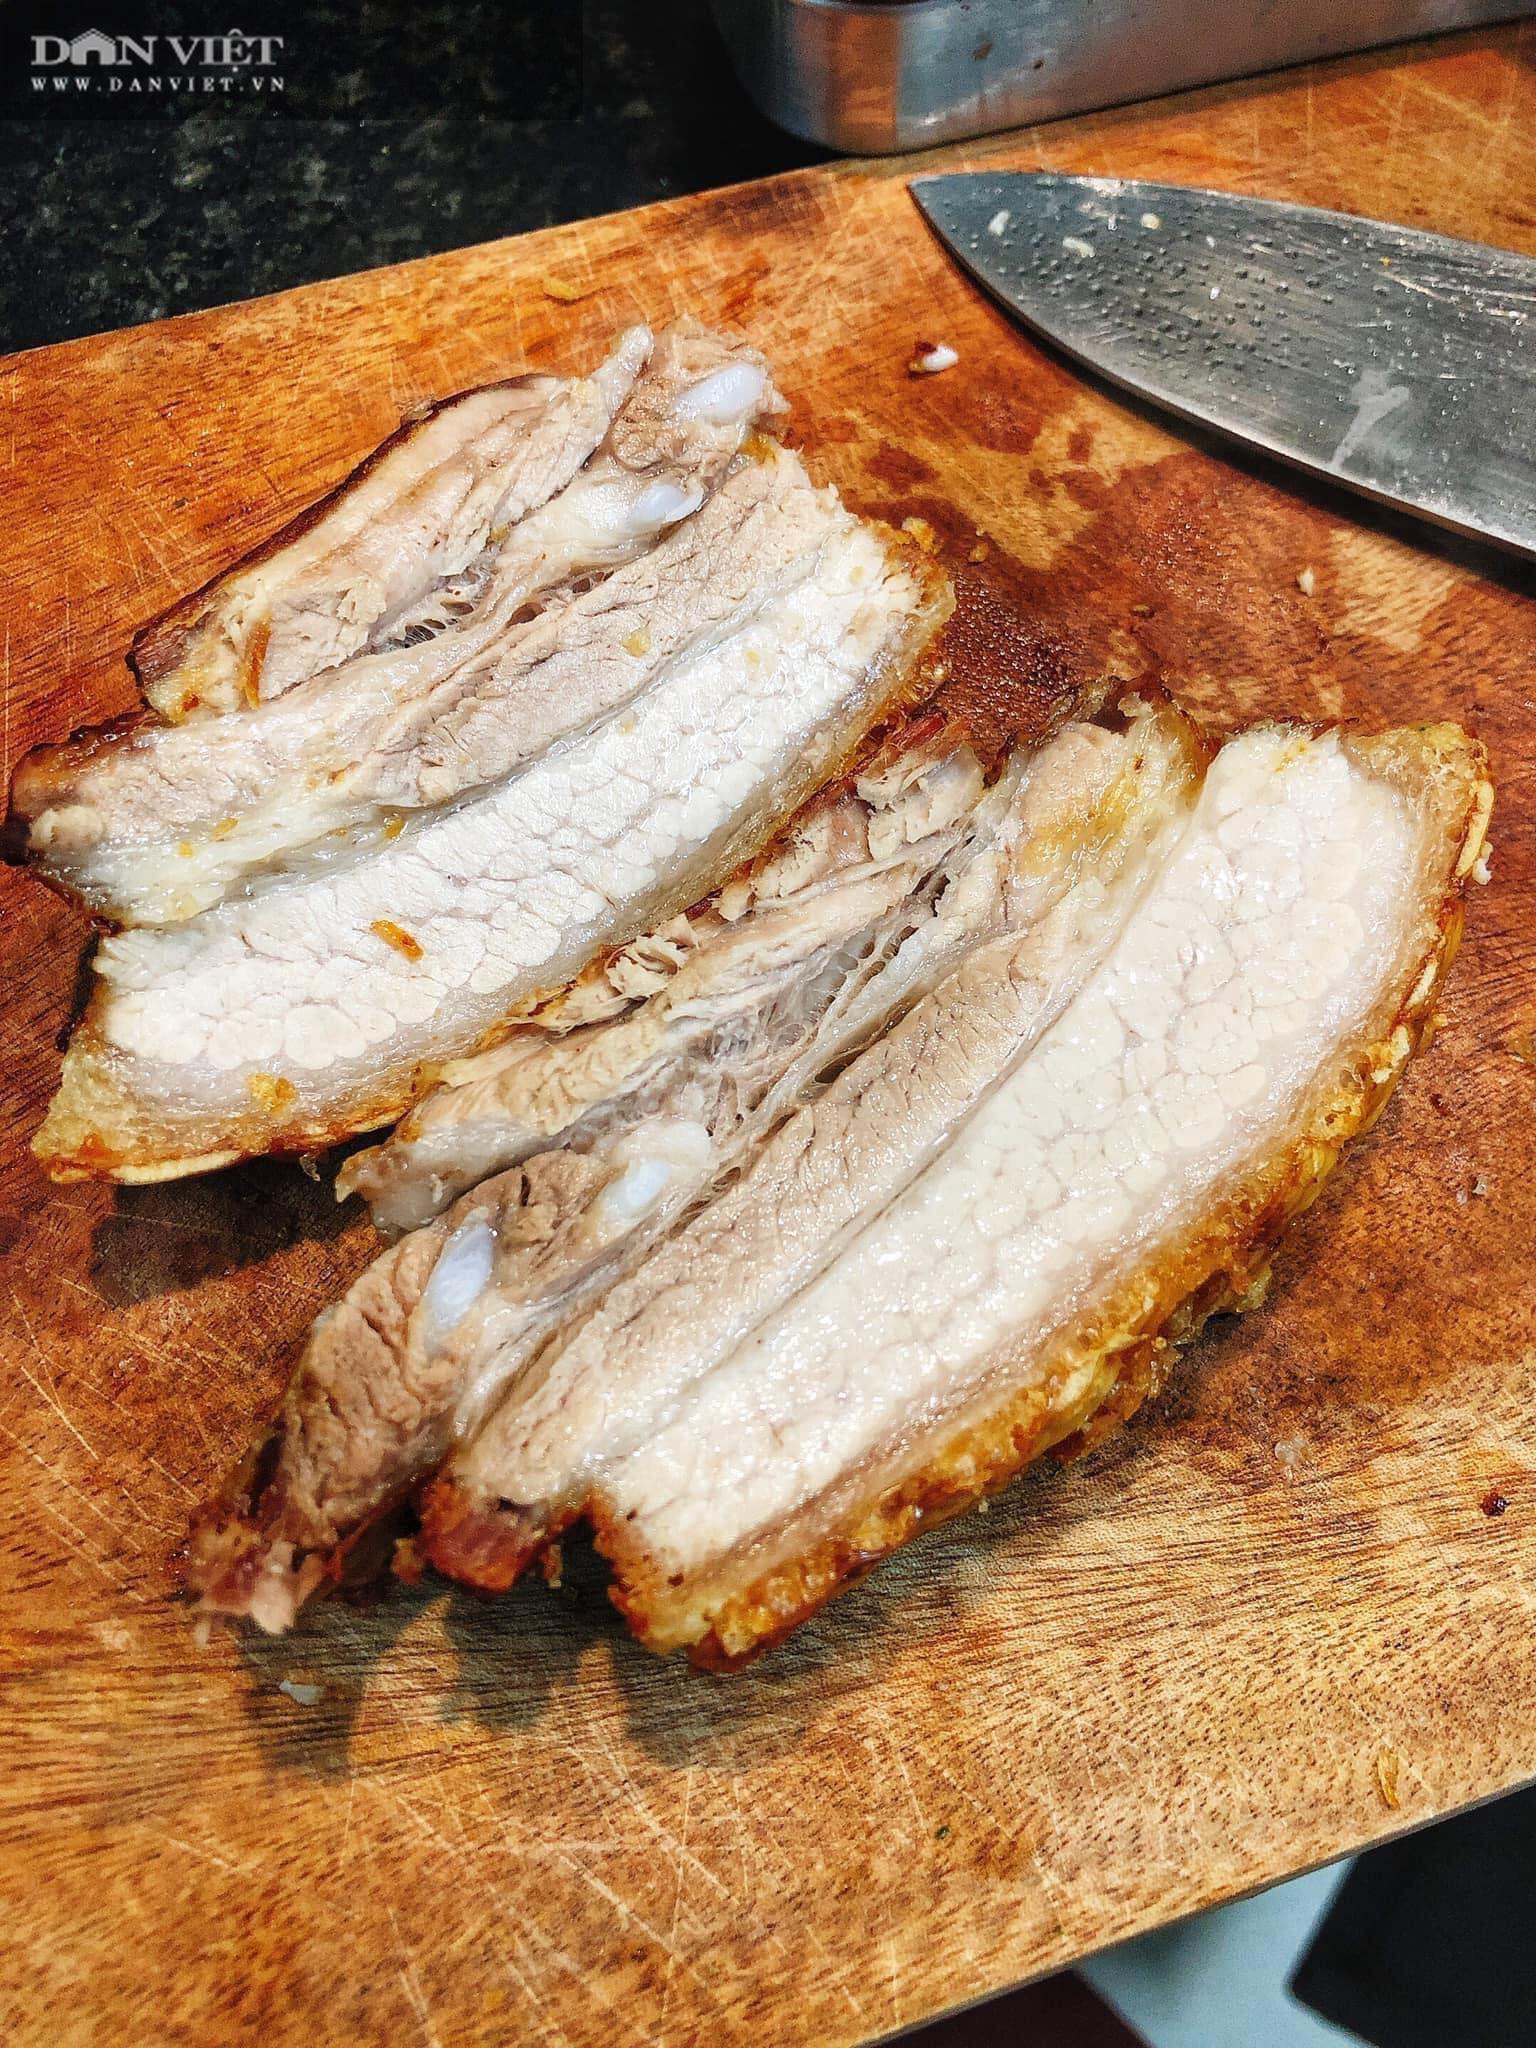 Chỉ cần làm điều này, đảm bảo thịt quay bằng nồi chiên không dầu ngon đúng chuẩn - Ảnh 9.